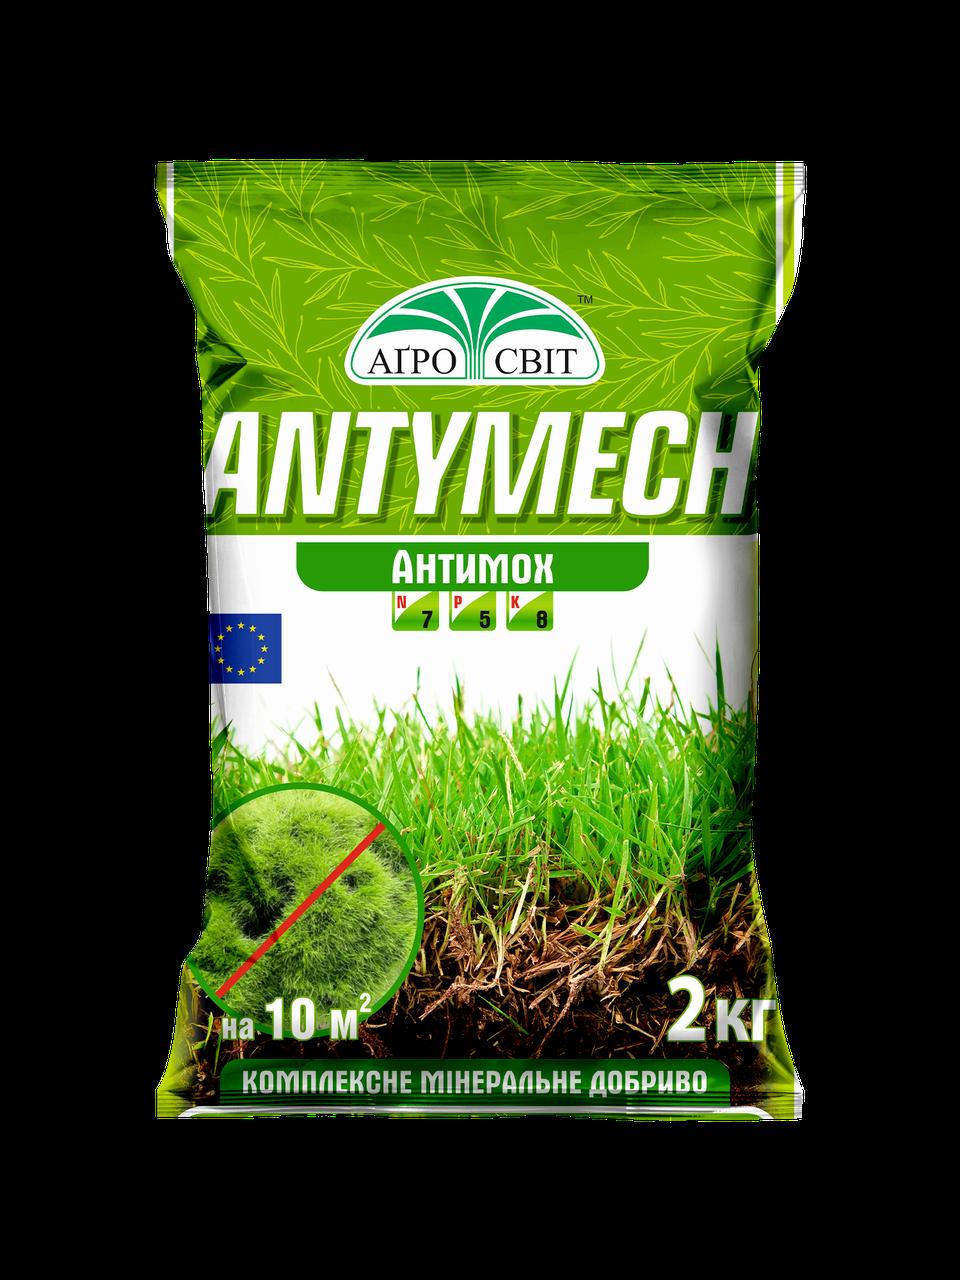 Комплексное удобрение Antymech антимох, 2 кг